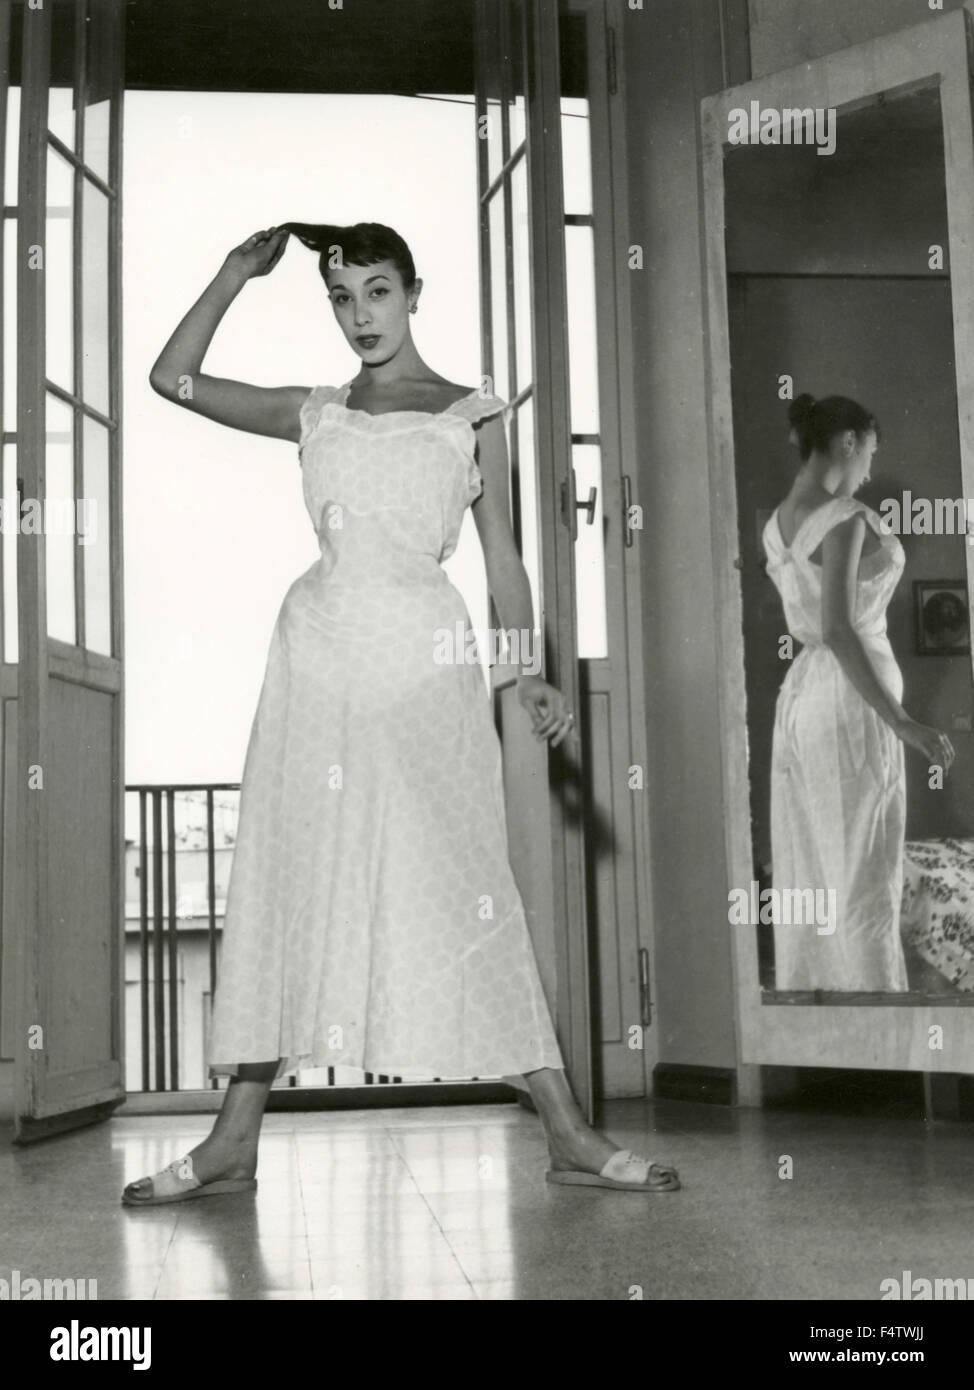 Un modello indossa un bianco abito traslucido Immagini Stock